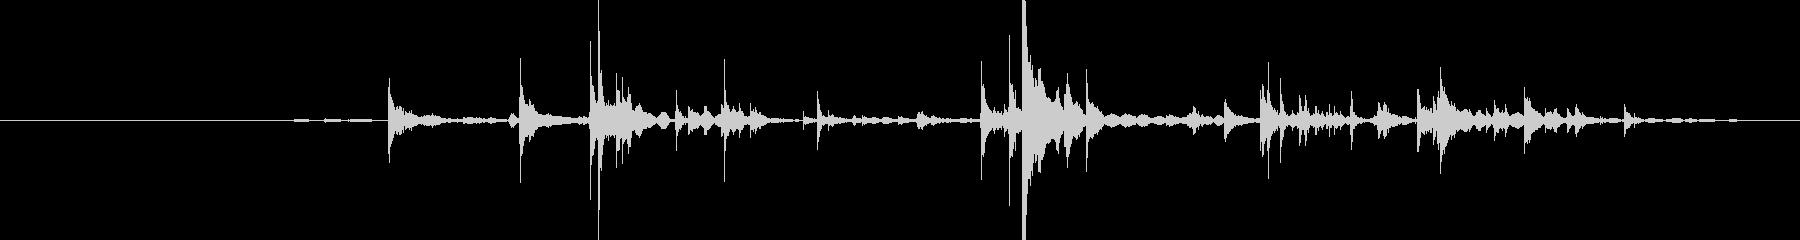 カラーン(グラスに氷を複数入れる音)の未再生の波形